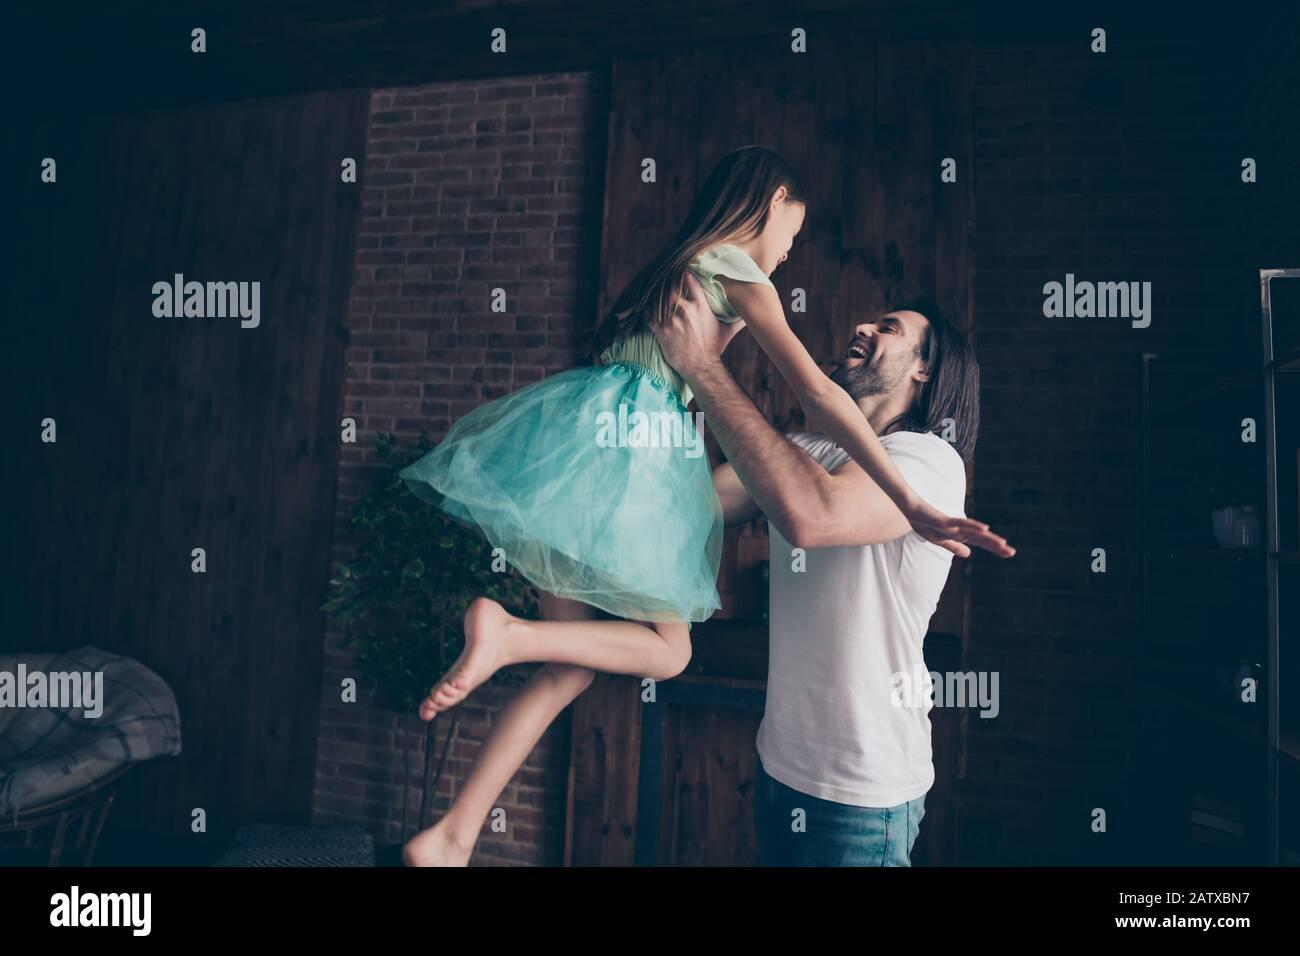 Foto der schönen kleinen liebenswerten Dame und ihres hübschen jungen Daddy Swing kleine Prinzessin erhöhen die Luft verbringen Wochenendzeit heimliche verspielte Atmosphäre Stockfoto